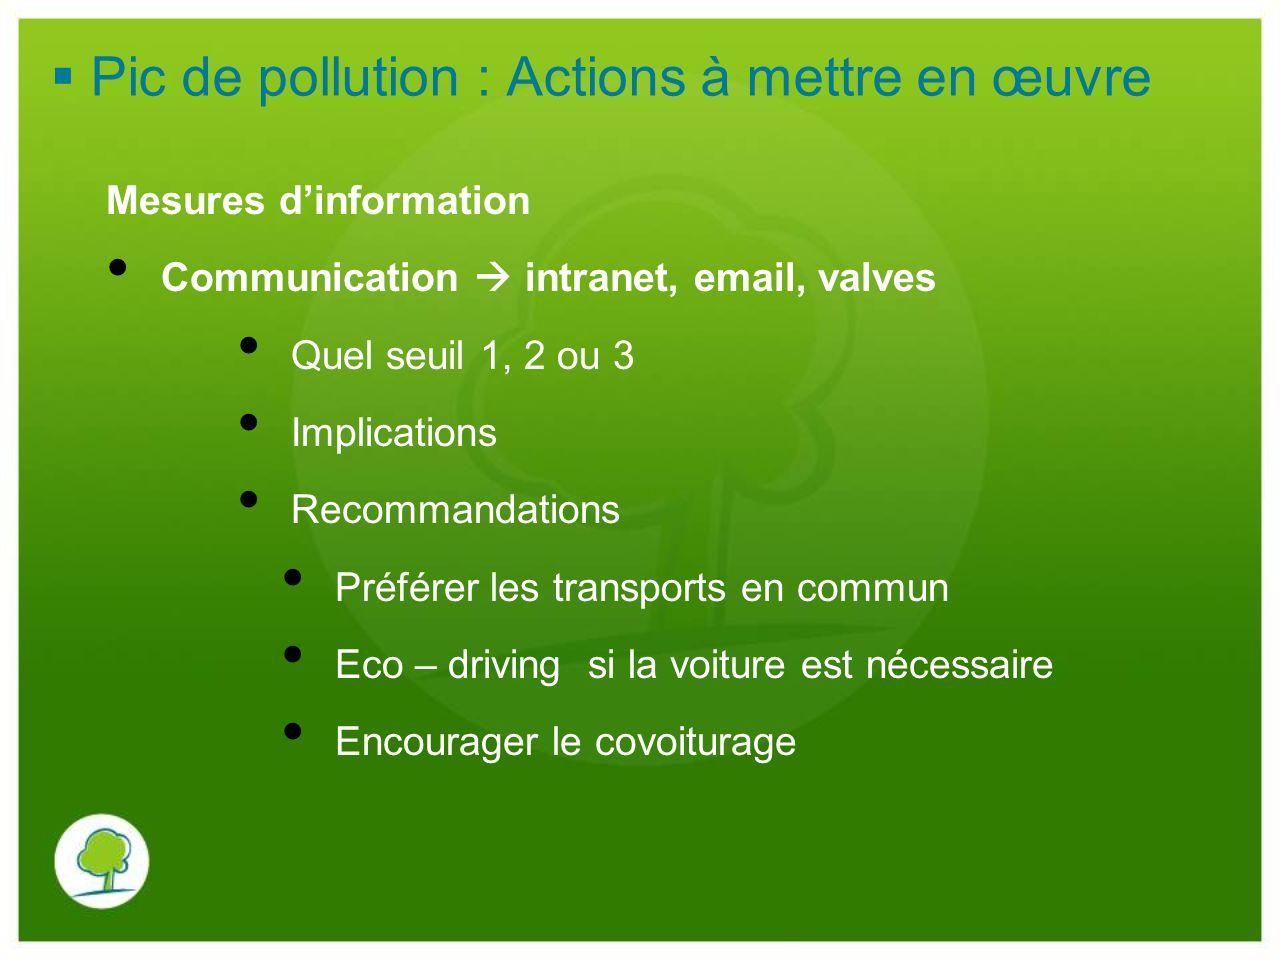 Pic de pollution : Actions à mettre en œuvre